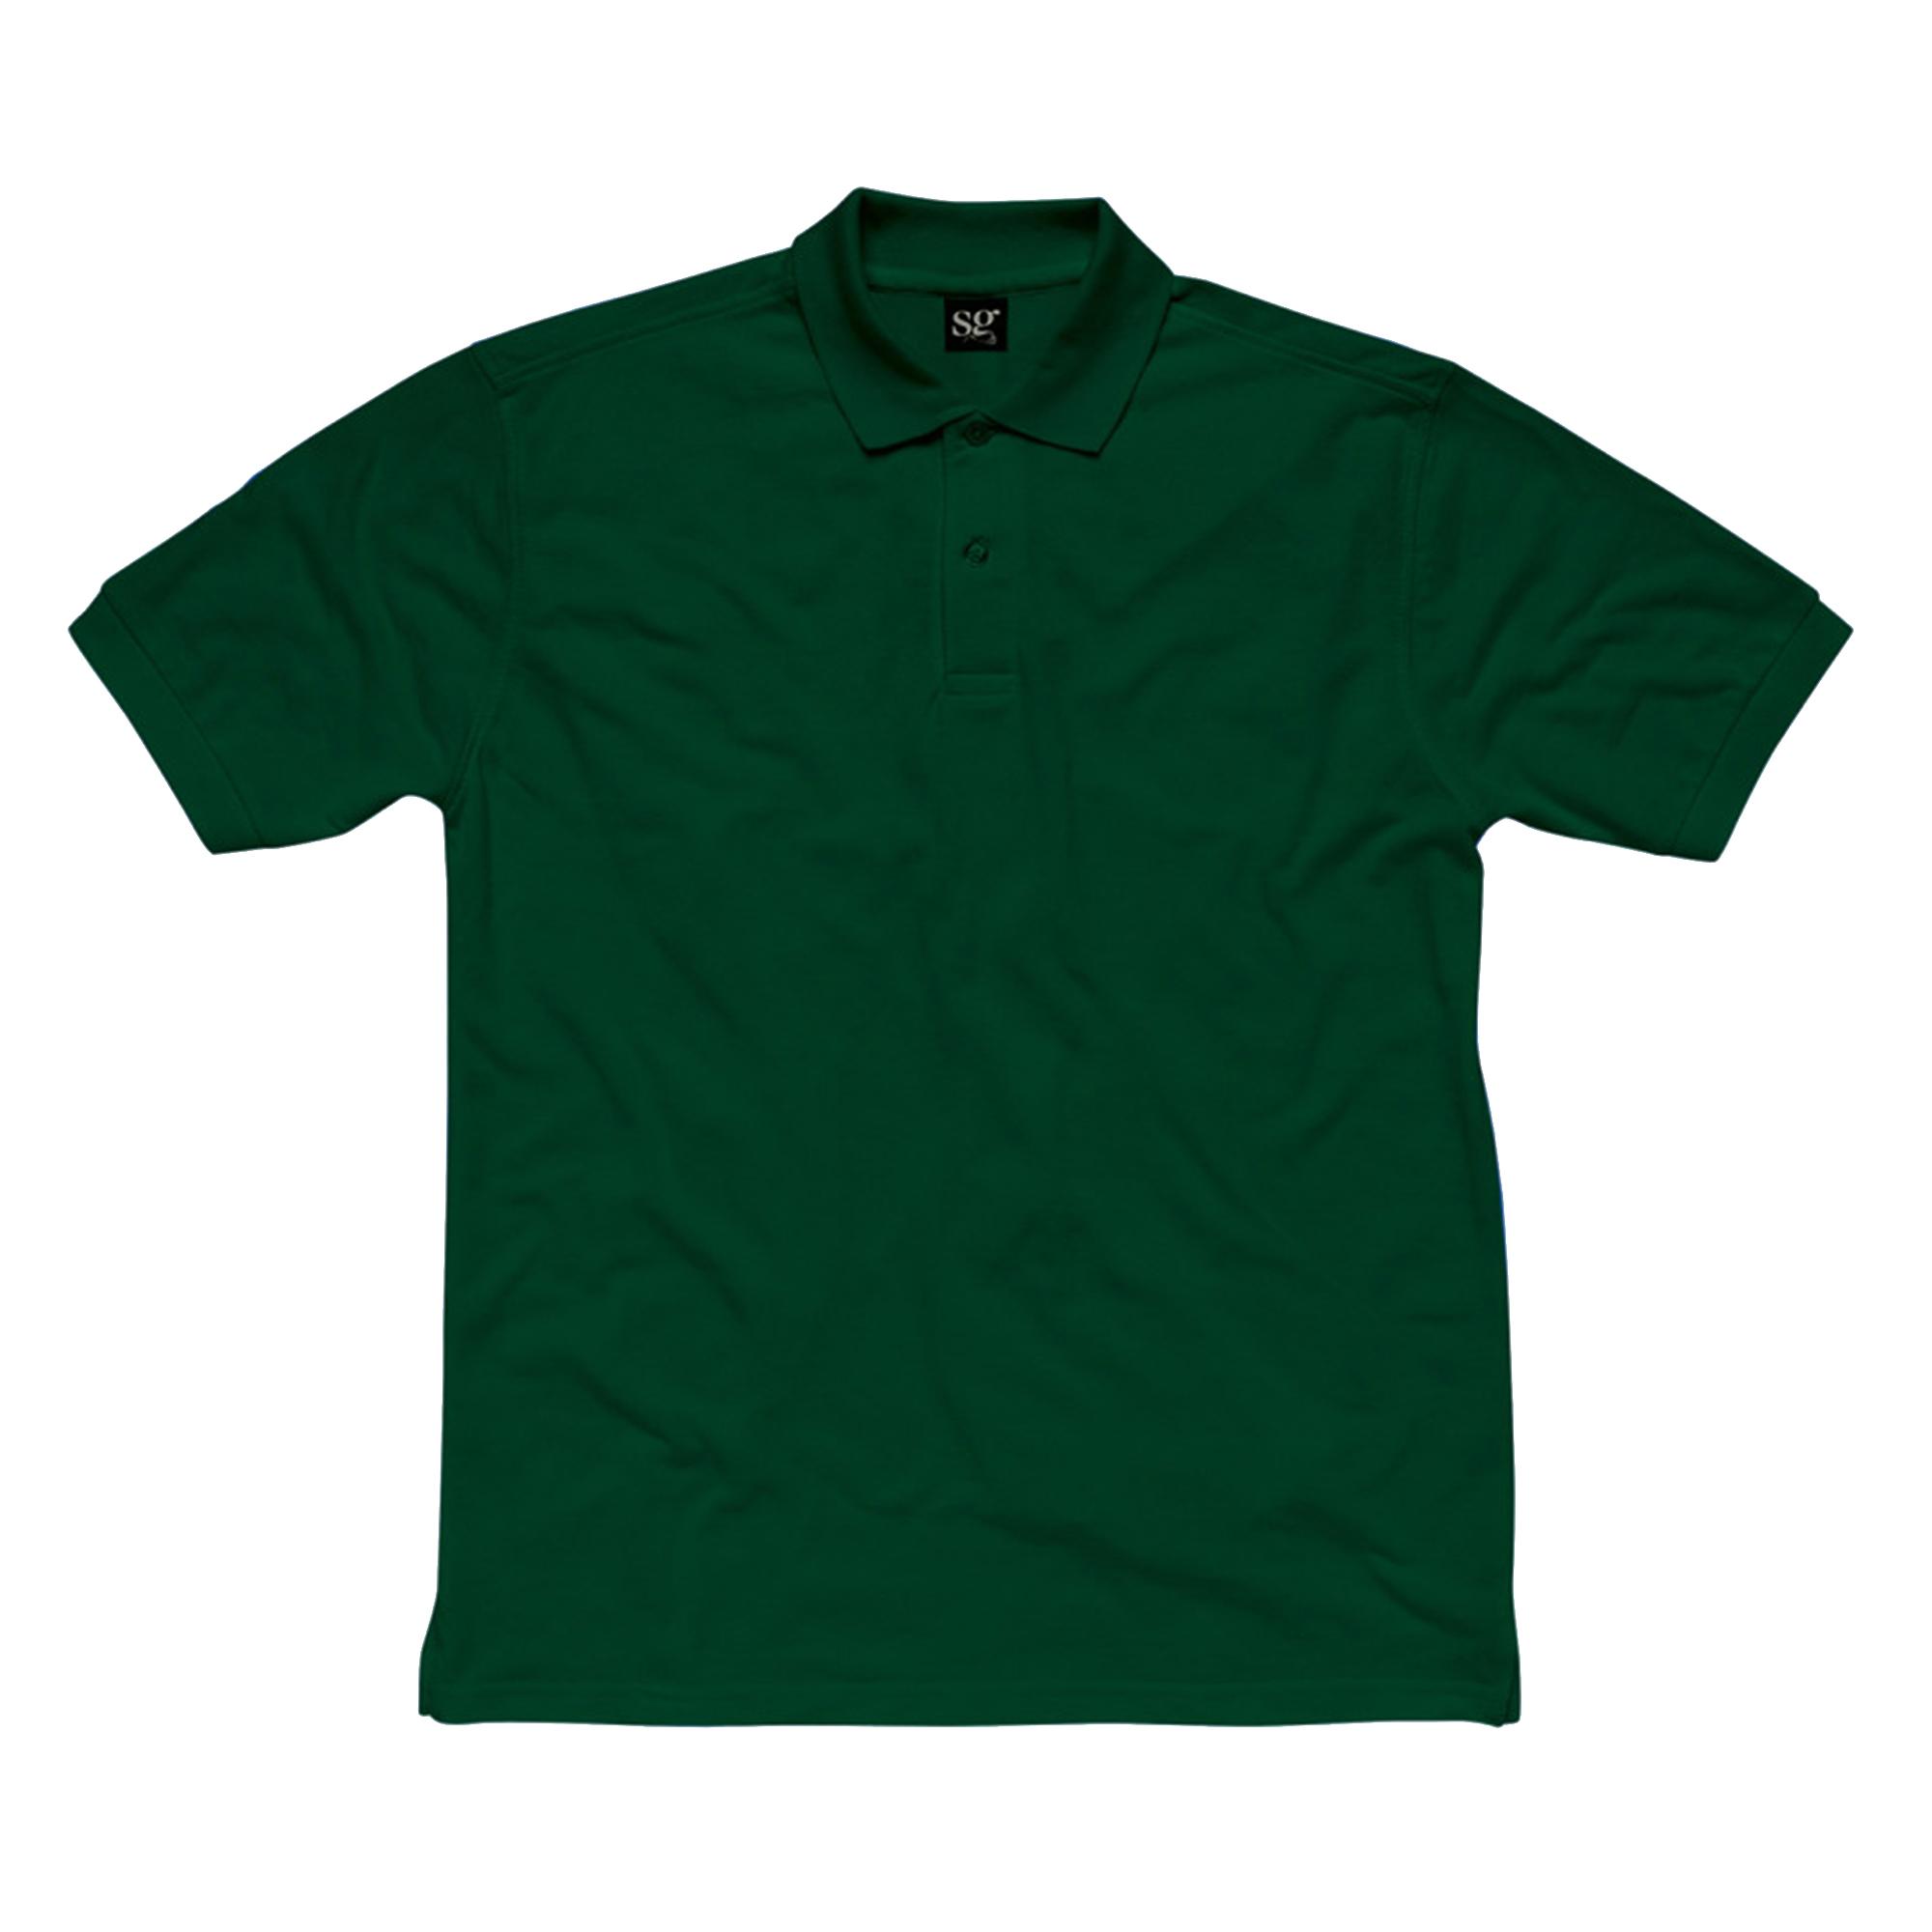 Polo-uni-SG-100-coton-pour-enfant-unisexe-3-12ans-BC1083